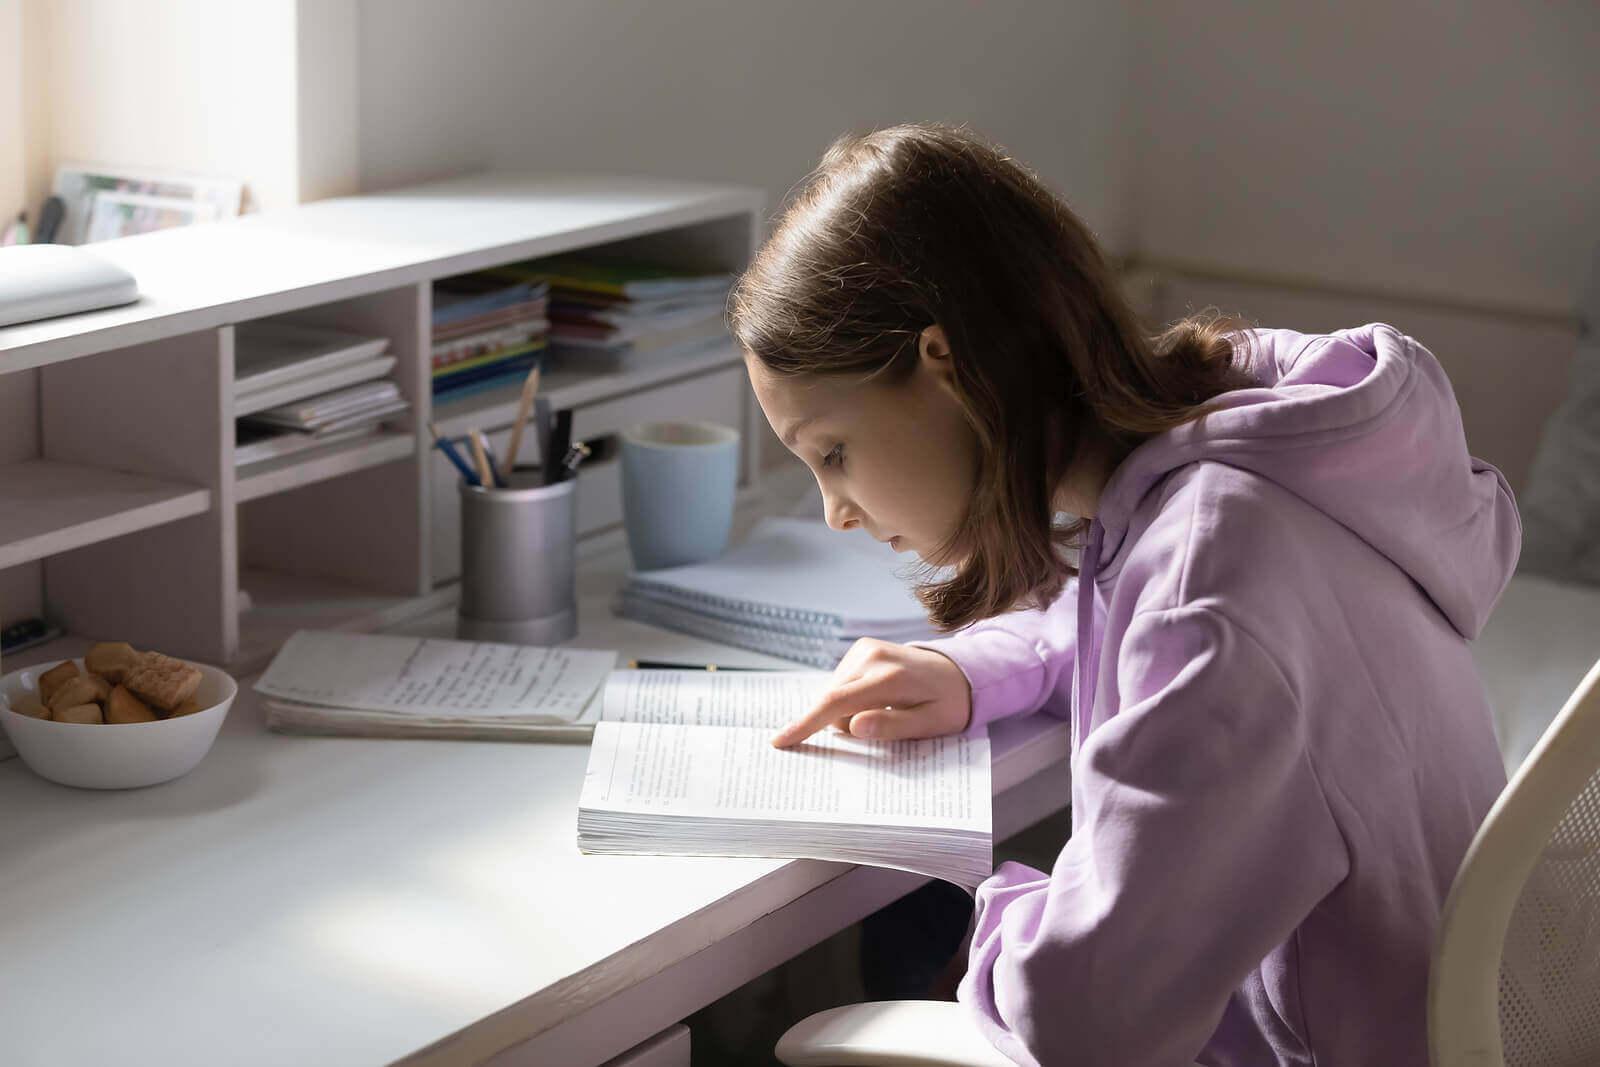 Råd om hvordan du kan hjelpe barn med å velge en karrierevei